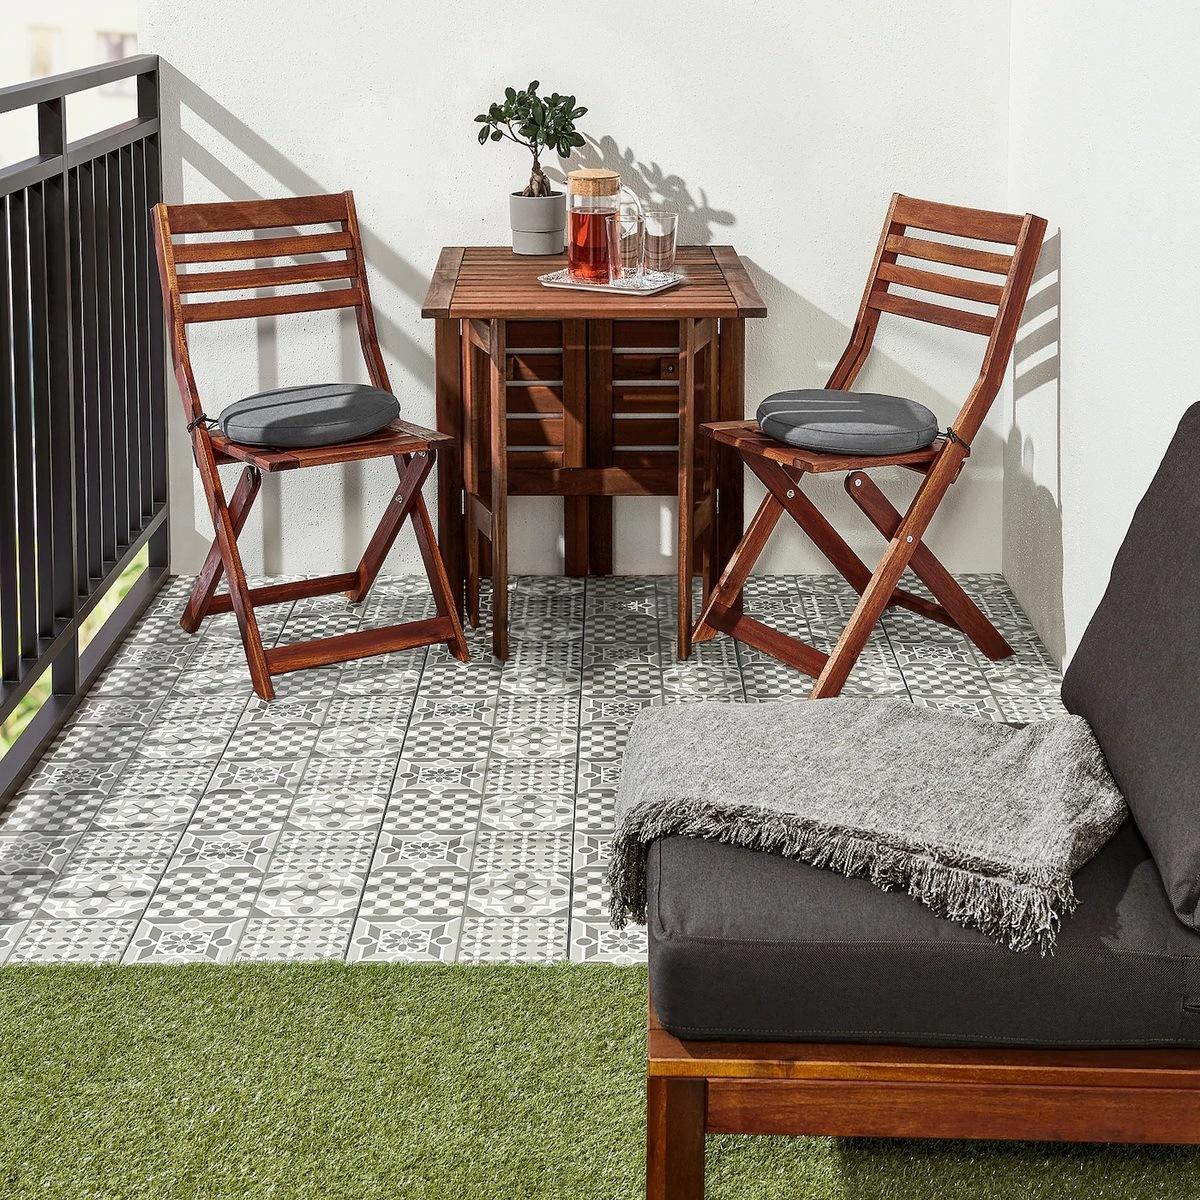 Catalogo parquet IKEA Enero 2021 FOTOS suelo mallsten detalle estampado 2